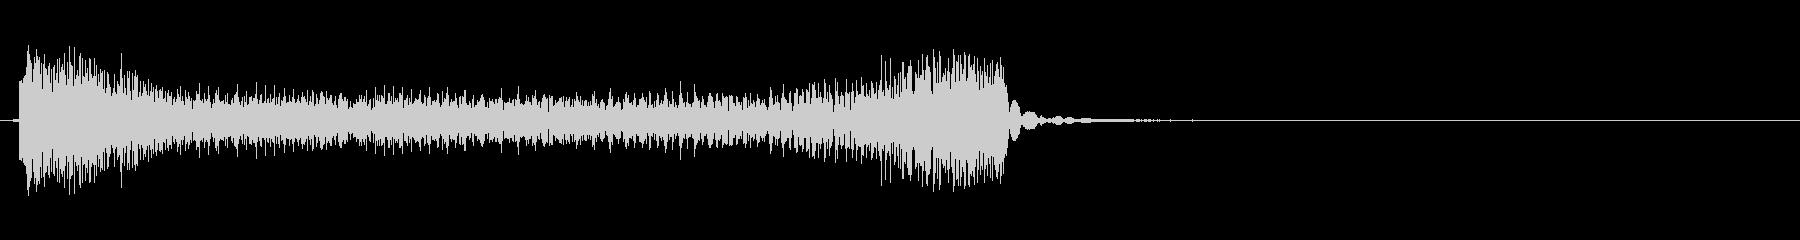 STEEL GUITAR:STRE...の未再生の波形